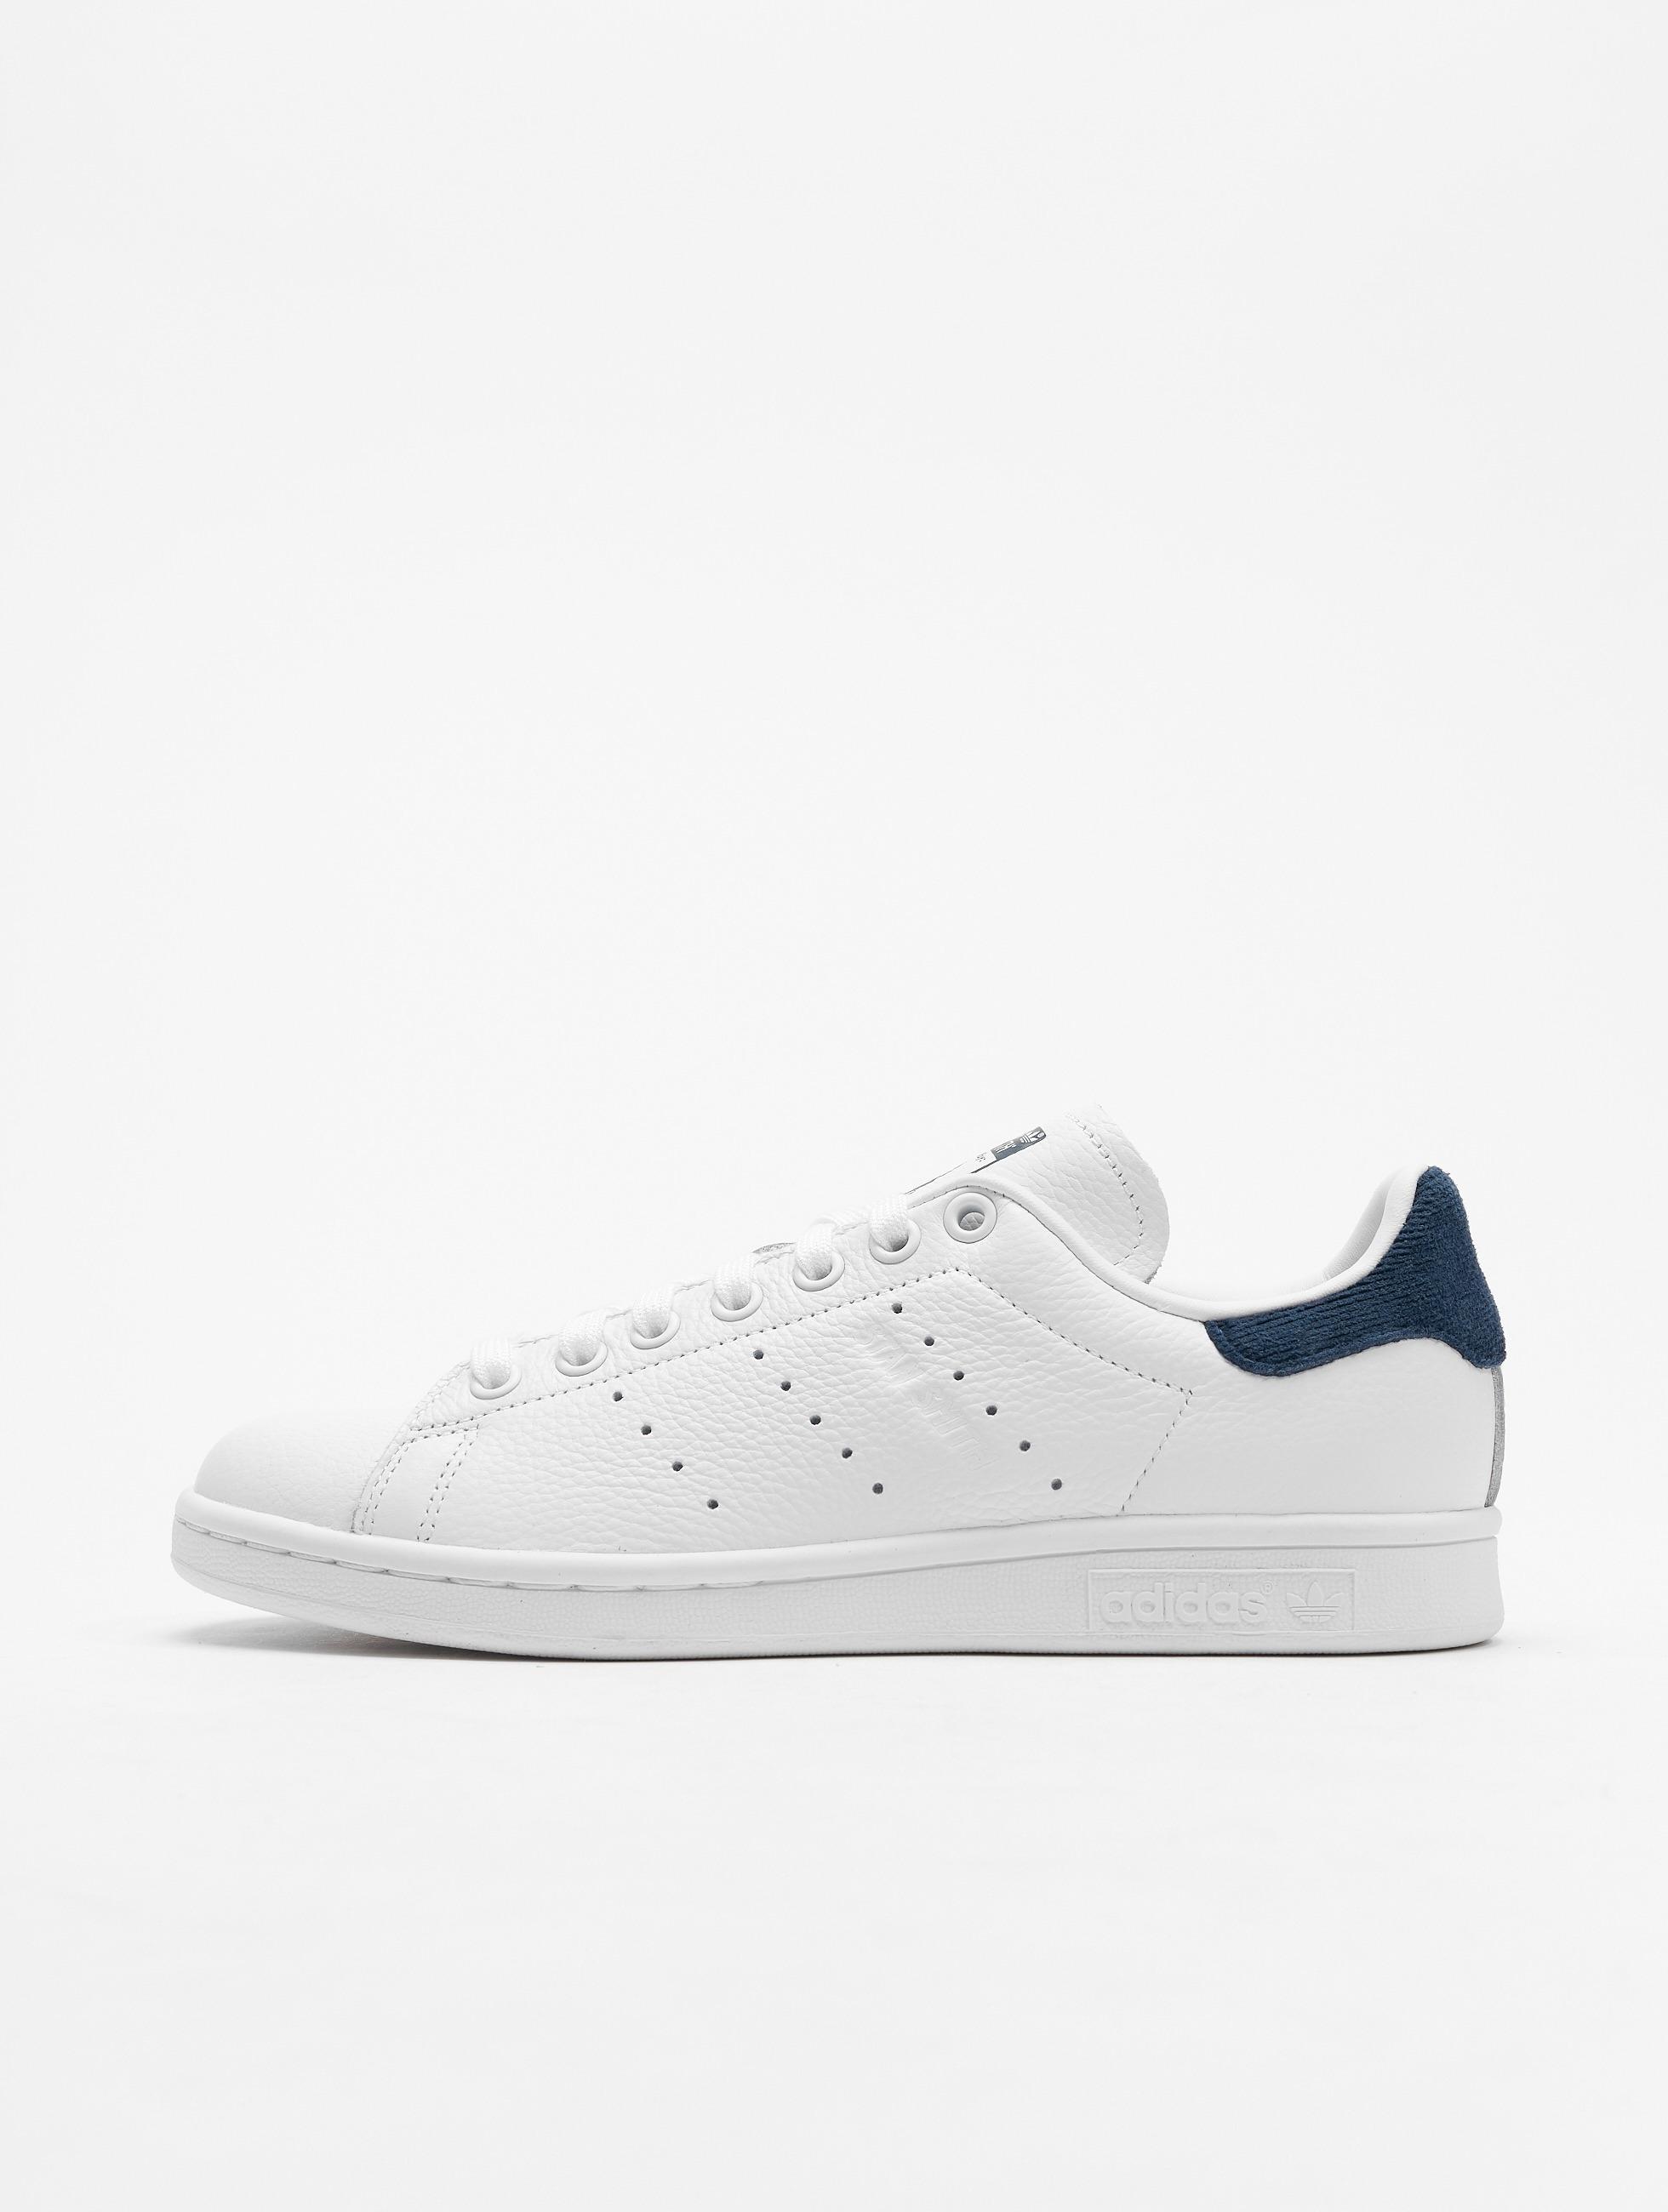 adidas Stan Smith Damen Sneaker Weiß, Größenauswahl:36